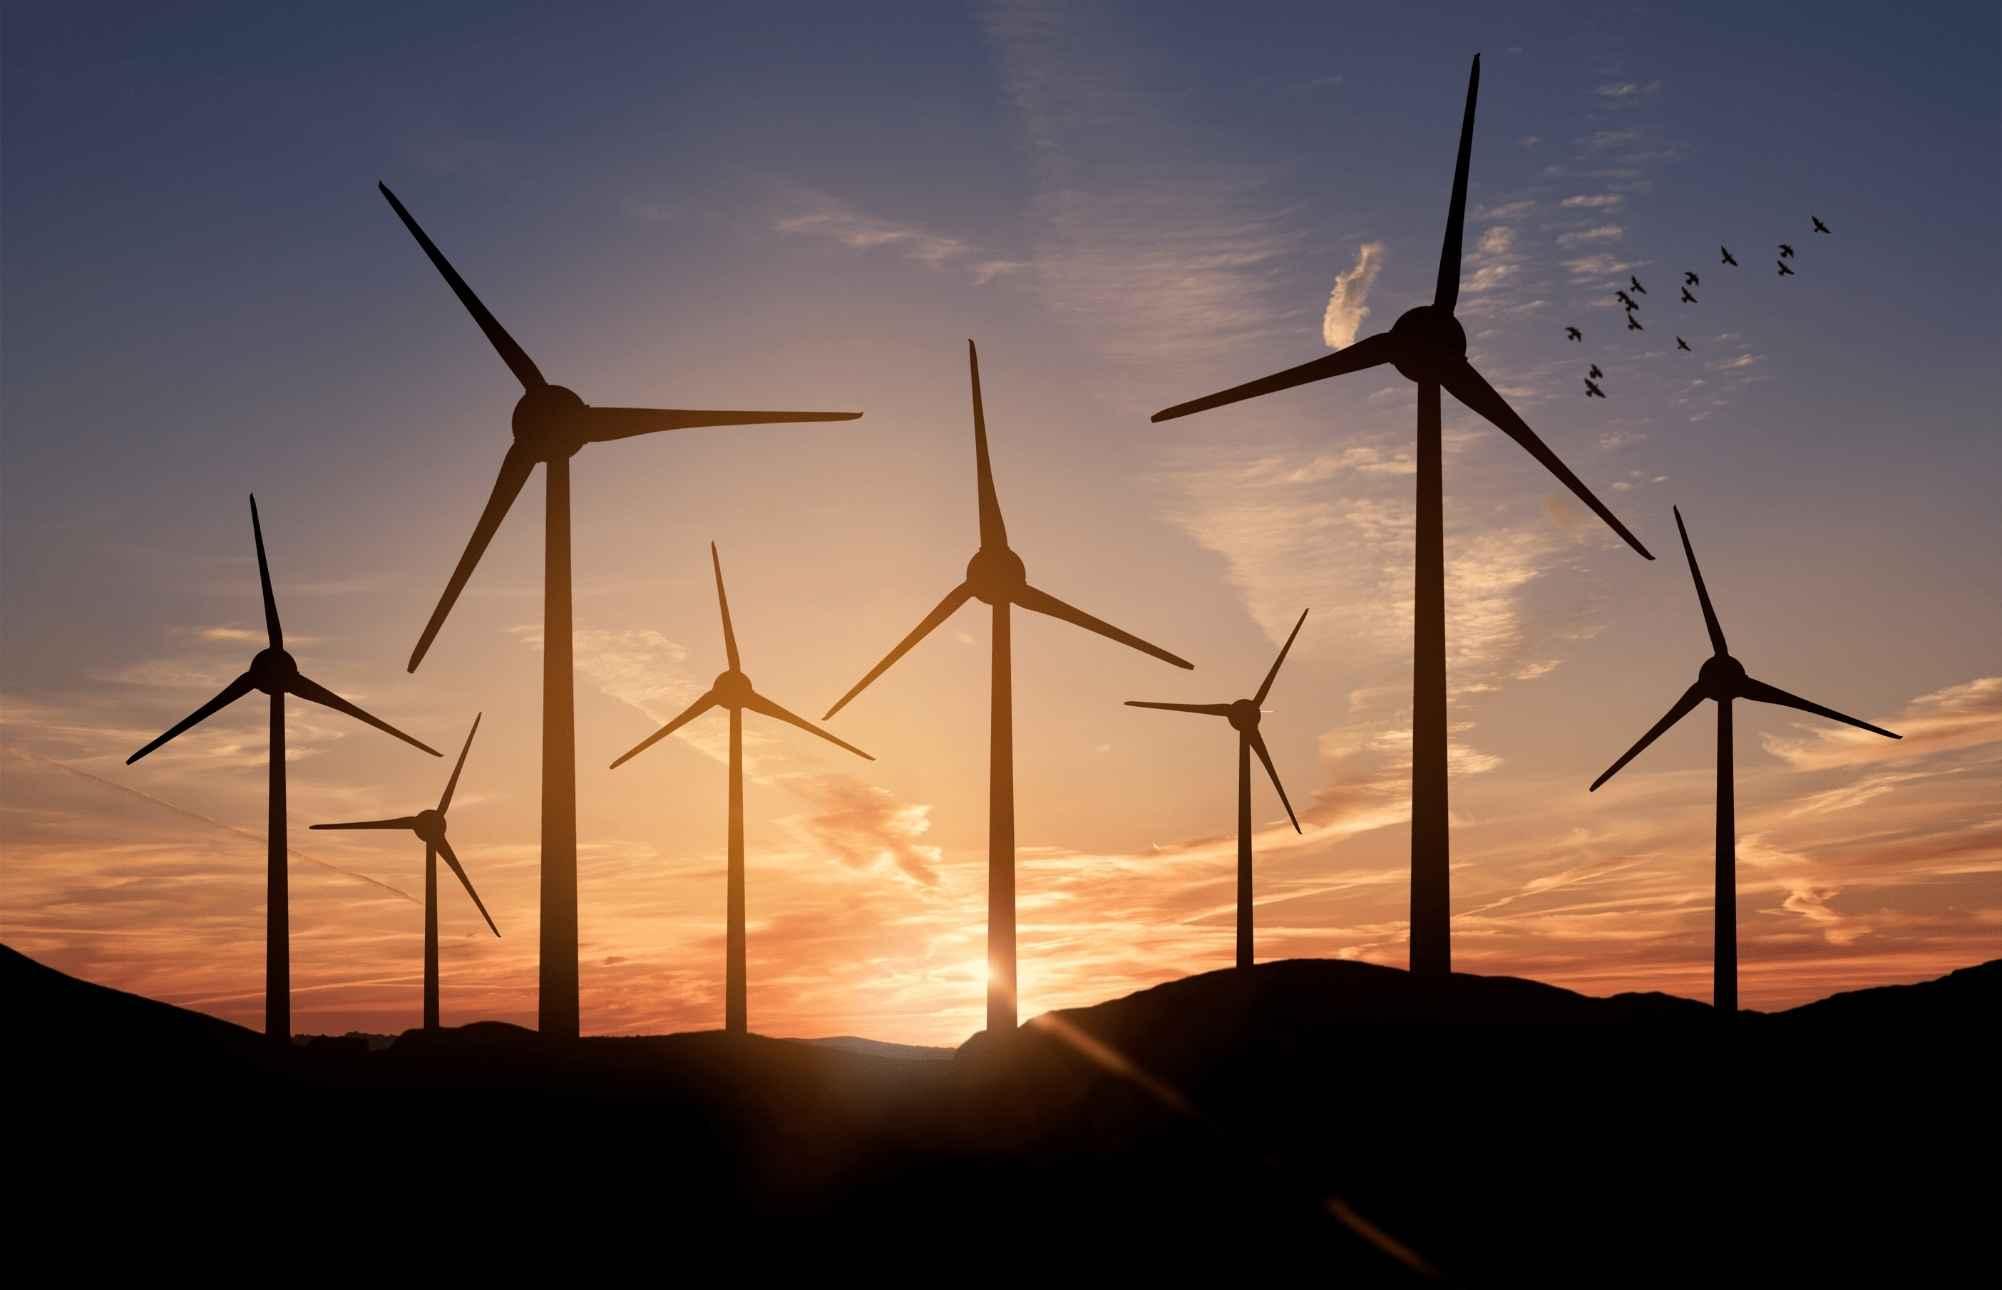 Сервіс систем альтернативної енергетики від Альтер Ейр